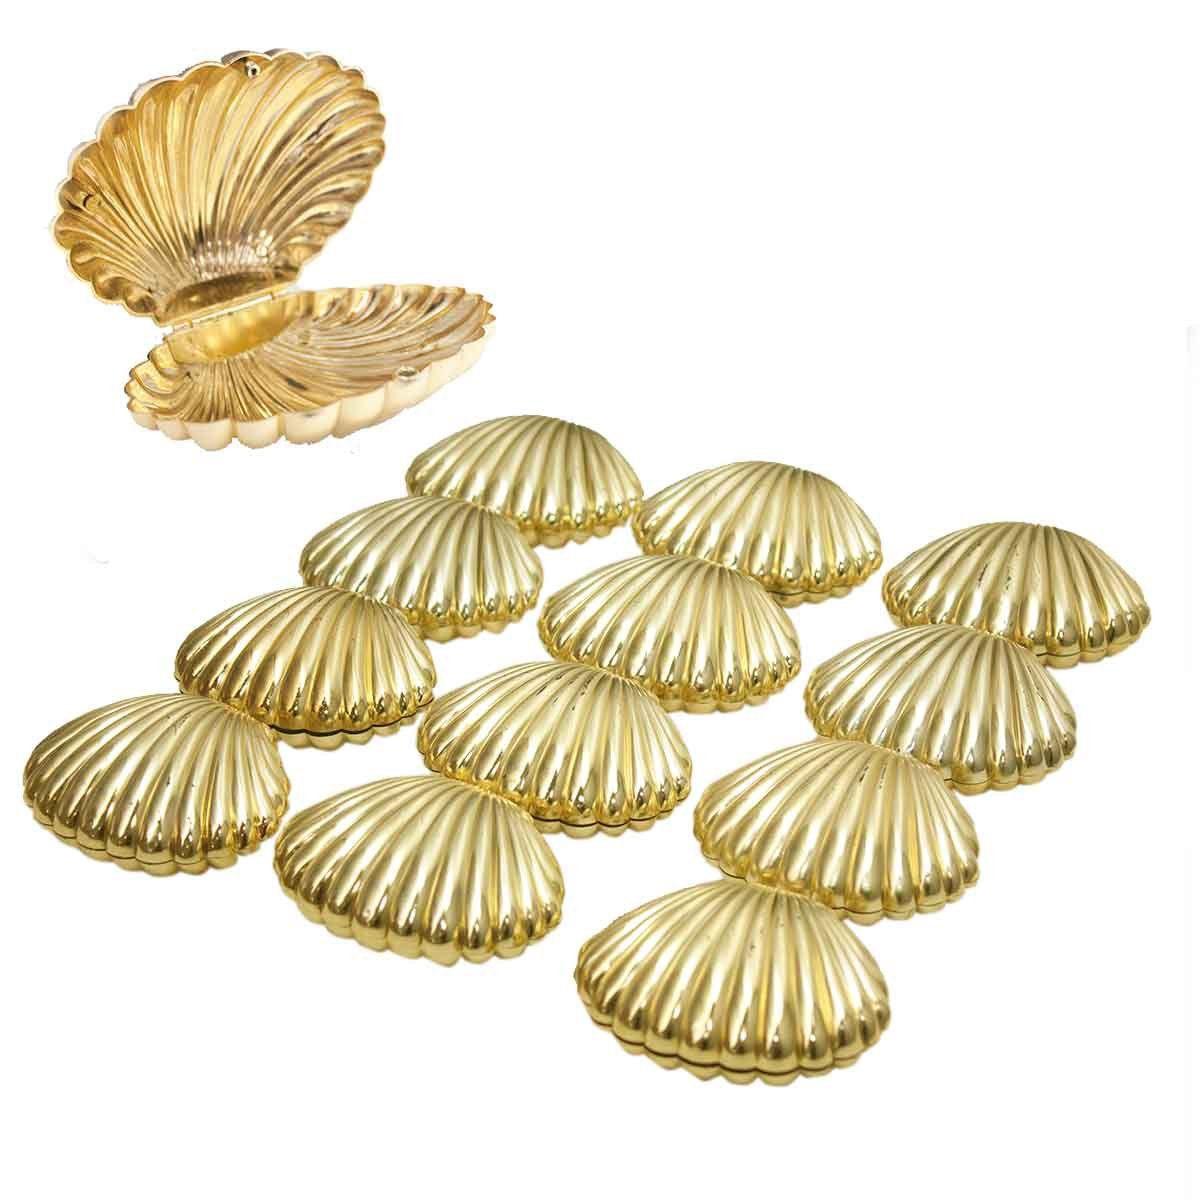 KIT 12 Conchas Lembrancinha Dourado Ariel Sereia Plástico